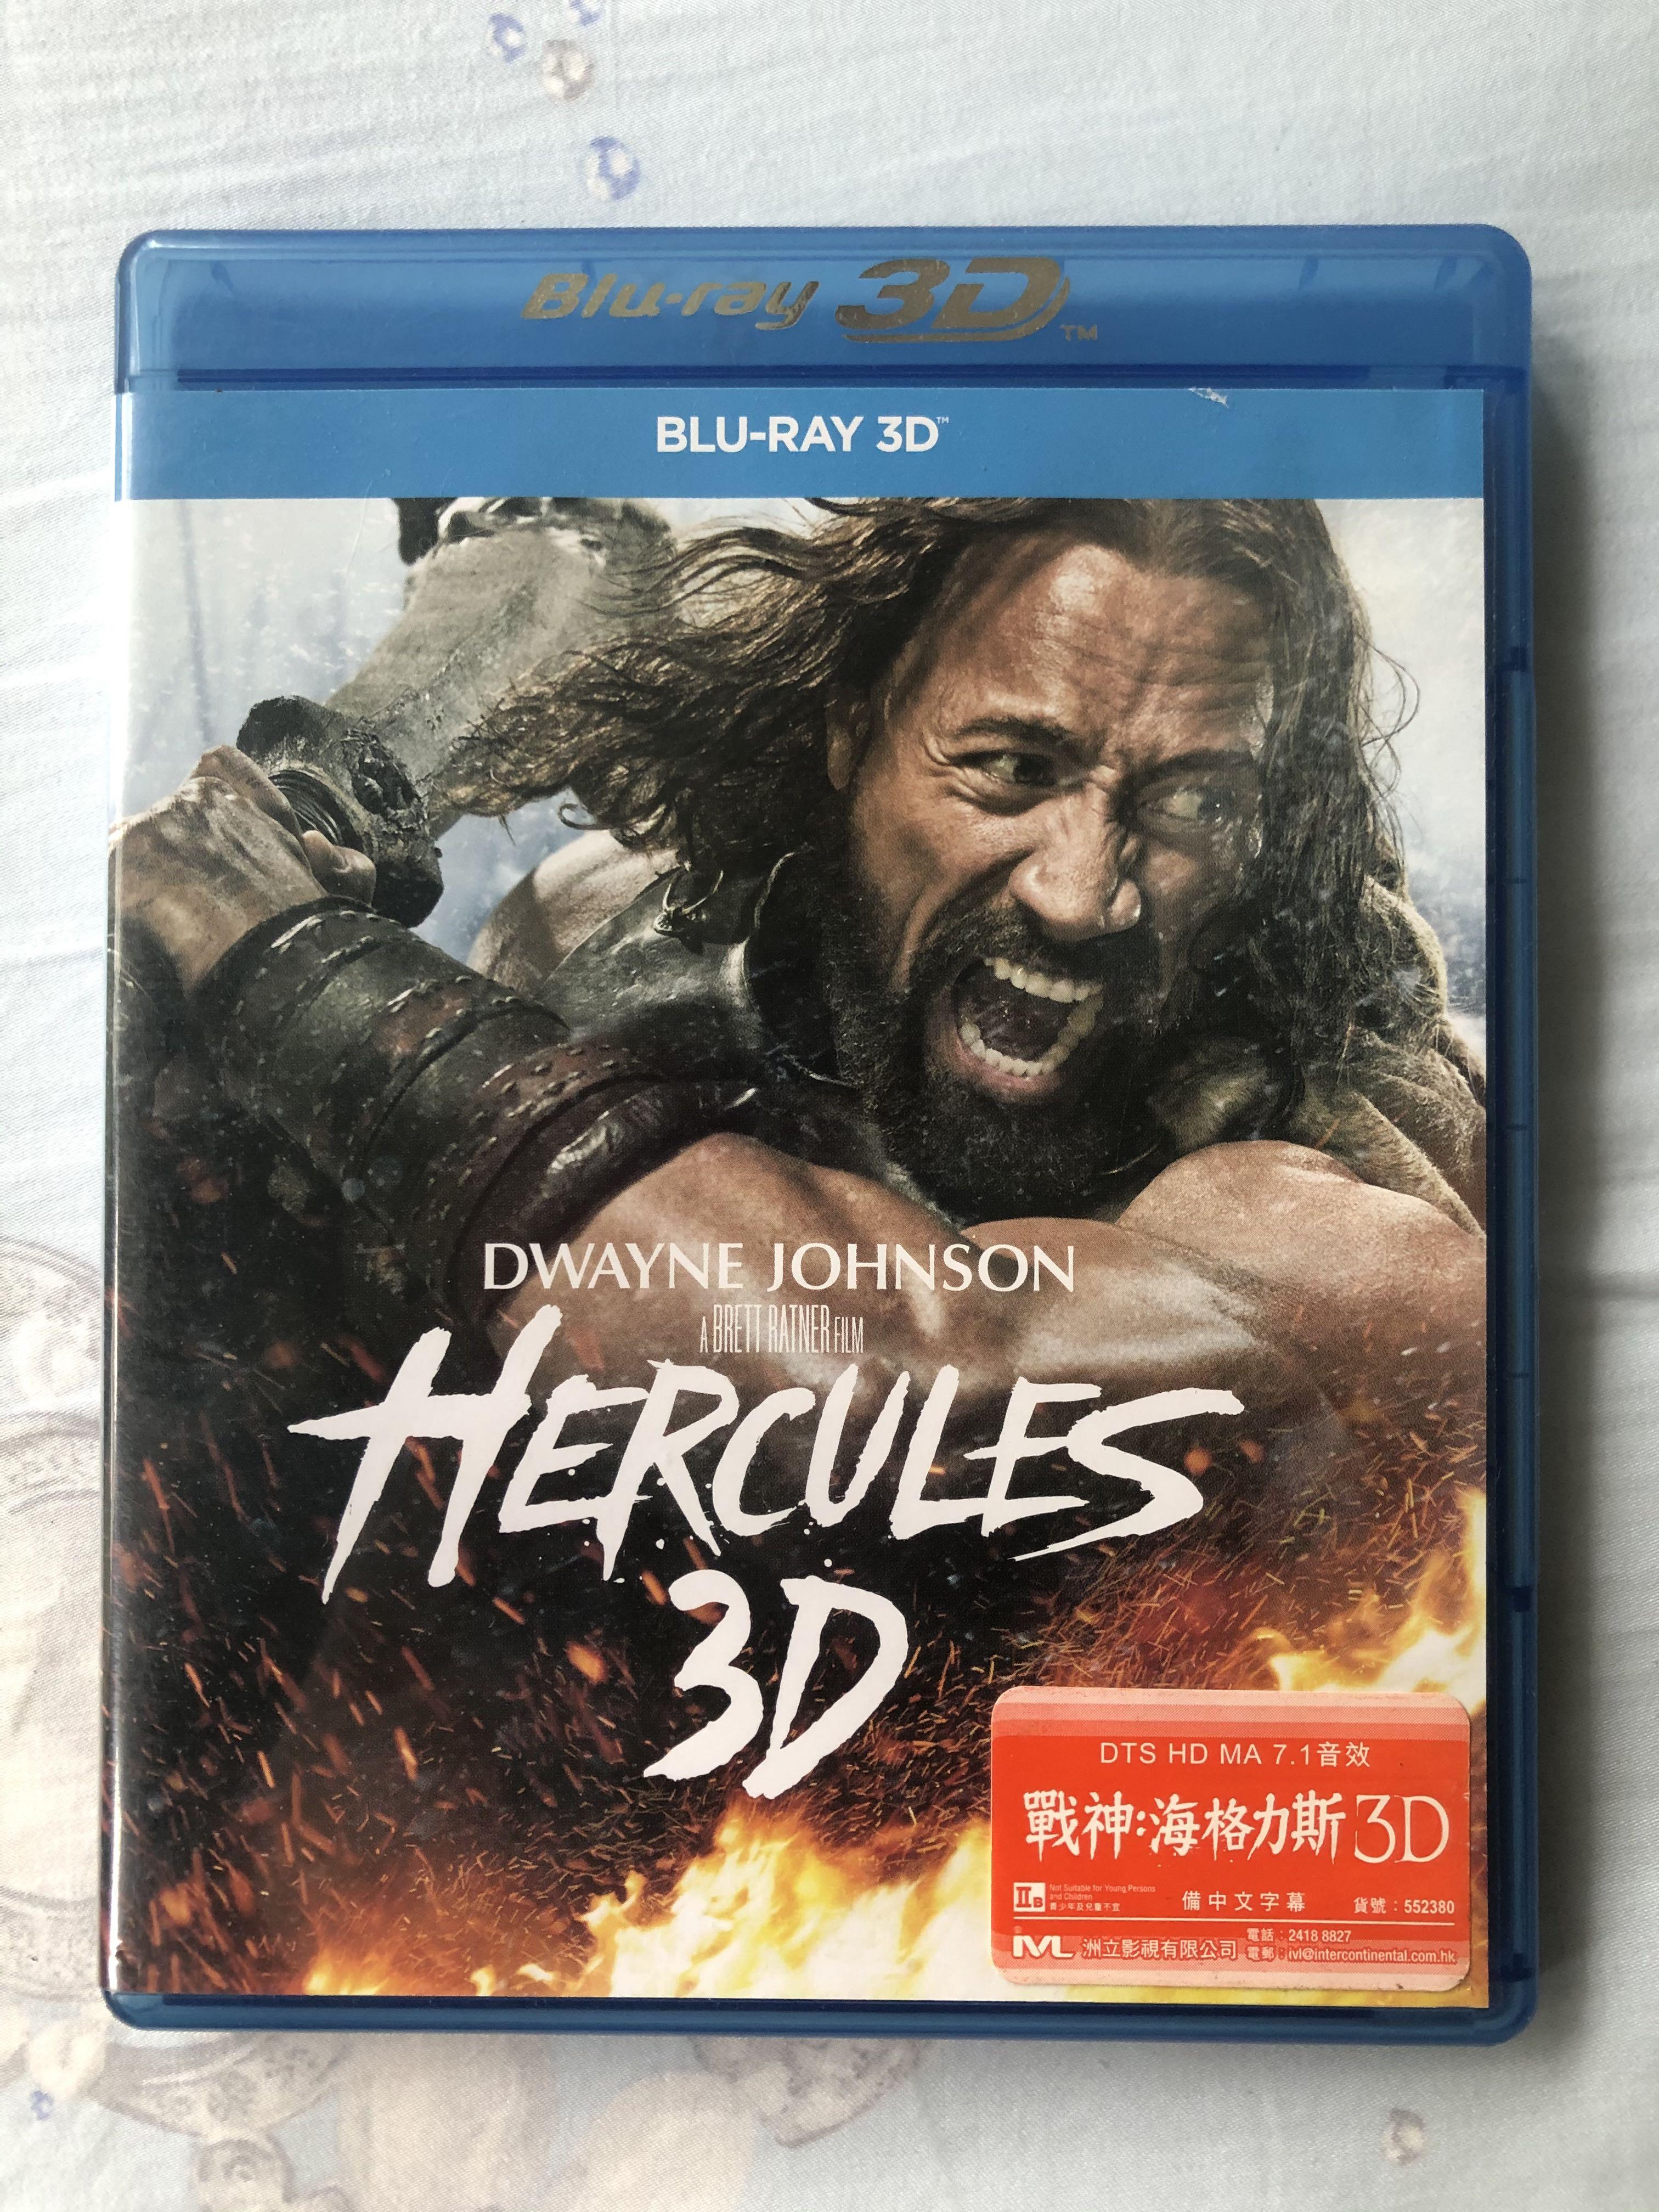 BD丨戰神 海格力斯3D Hercules 3D 電影